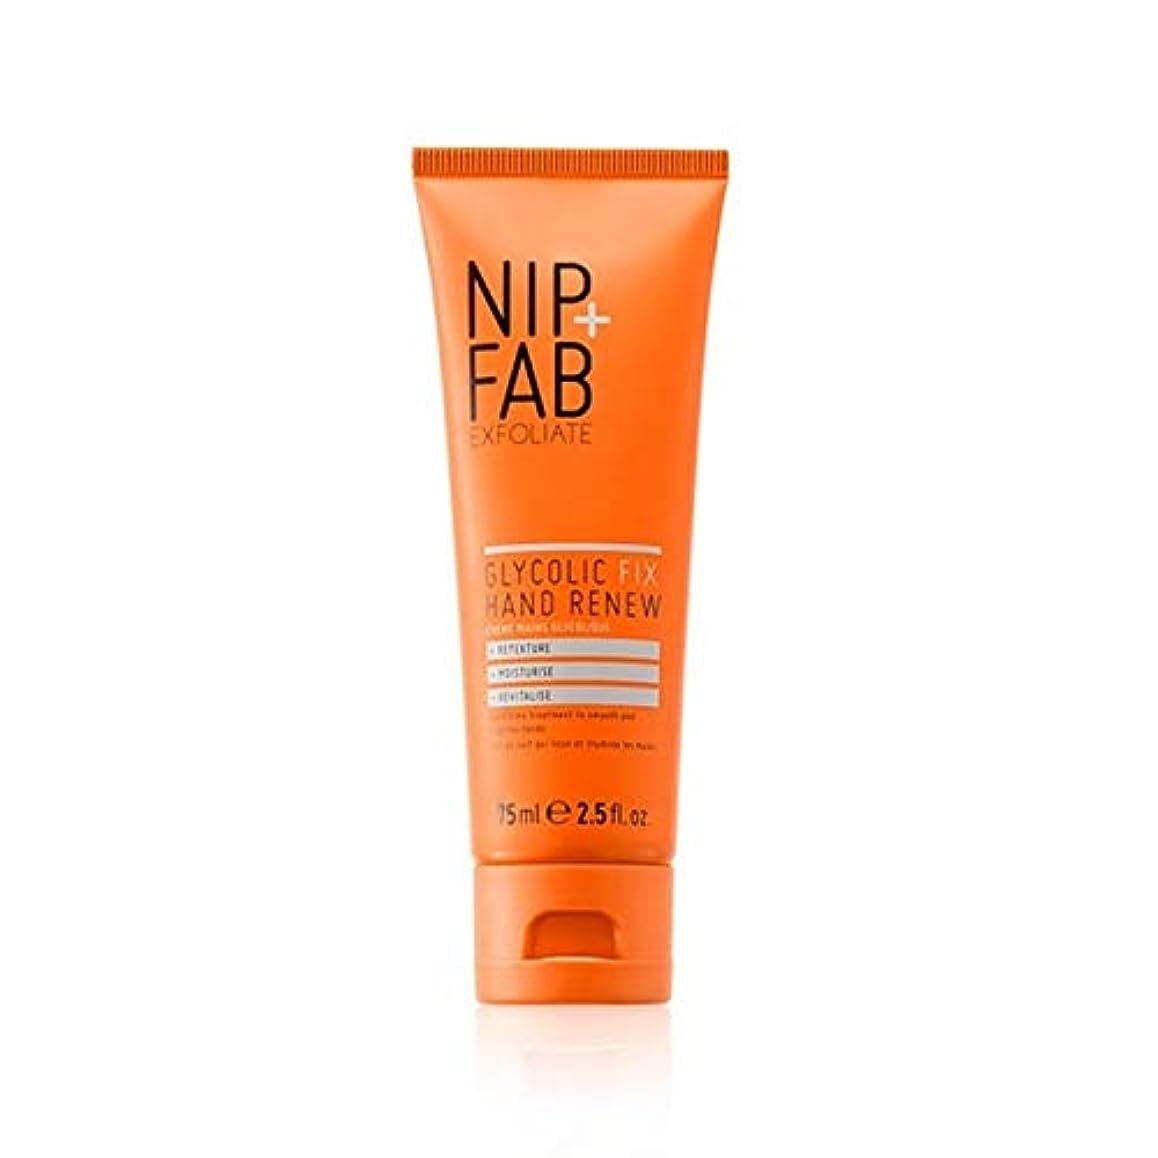 チップアルプス熱[Nip & Fab ] + Fabグリコール修正手ニップ更新 - Nip+Fab Glycolic Fix Hand Renew [並行輸入品]